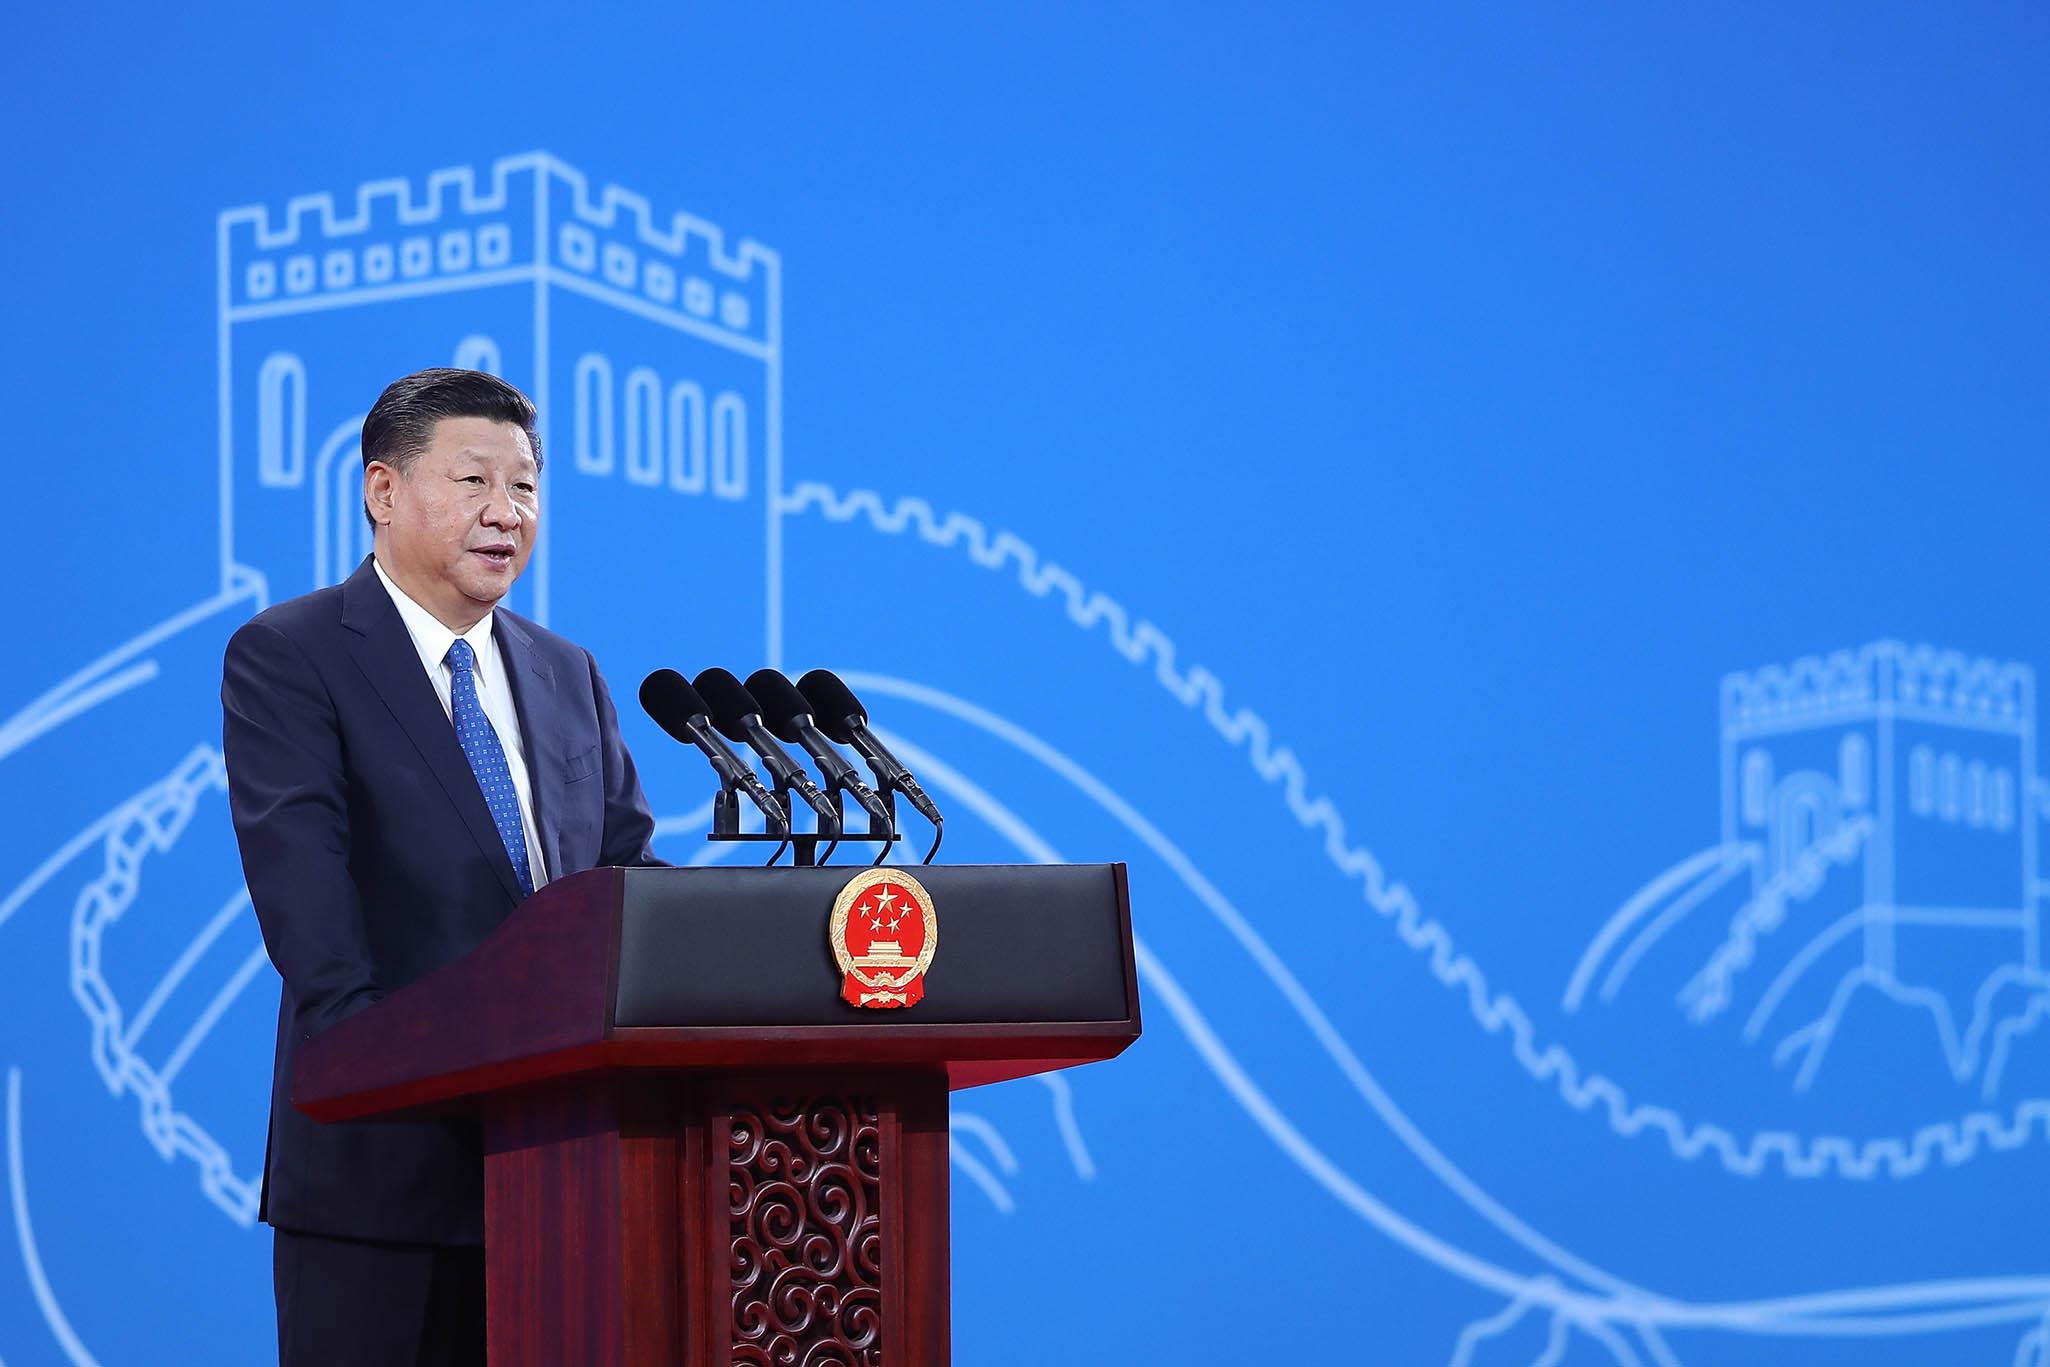 習近平: 中國是世界最安全國家之一